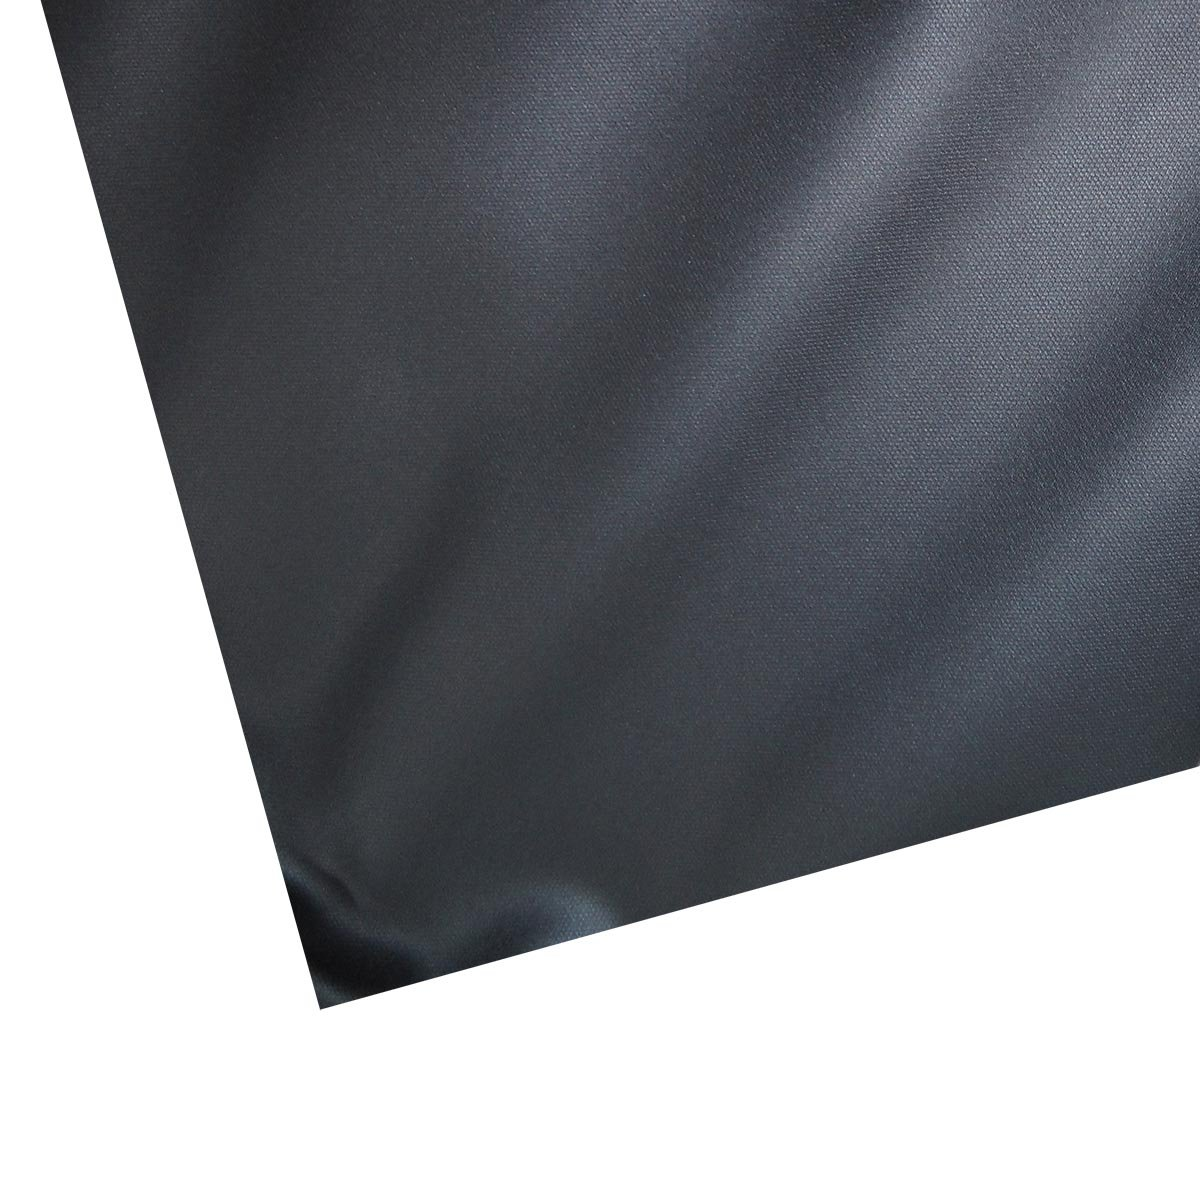 Teichfolien Zuschnitt PVC 1,0 mm 4 x 4 m = 16 qm